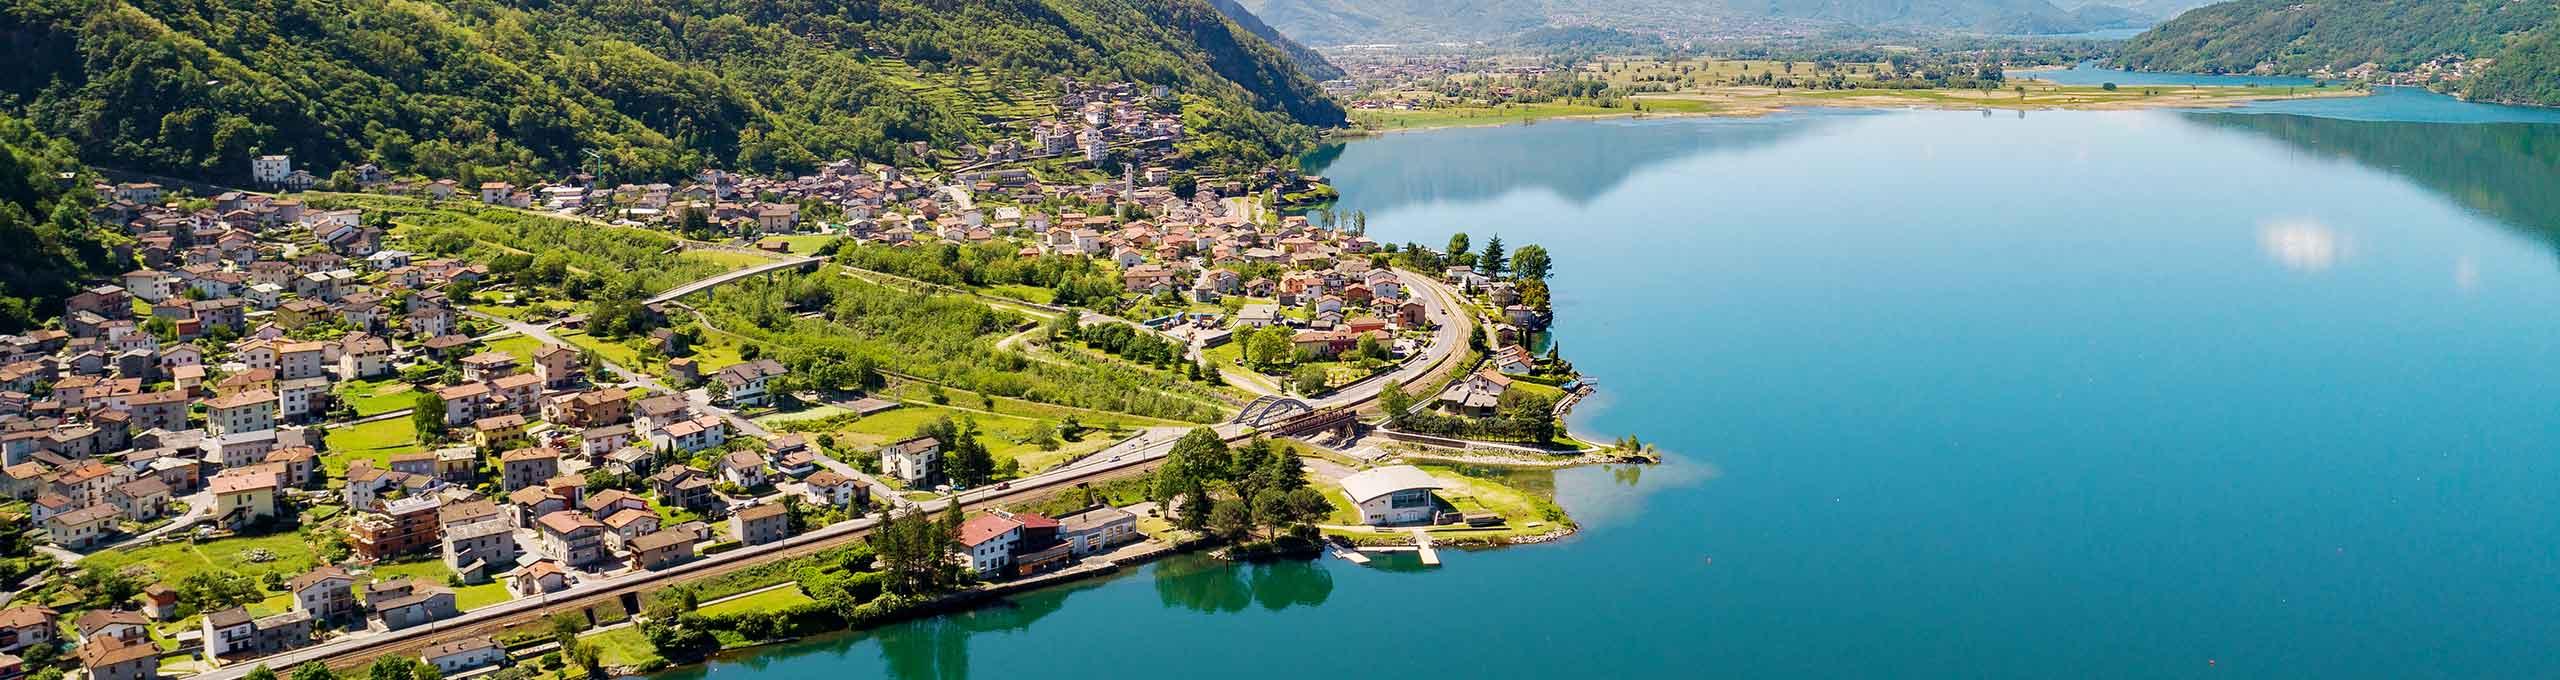 Verceia, Valtellina